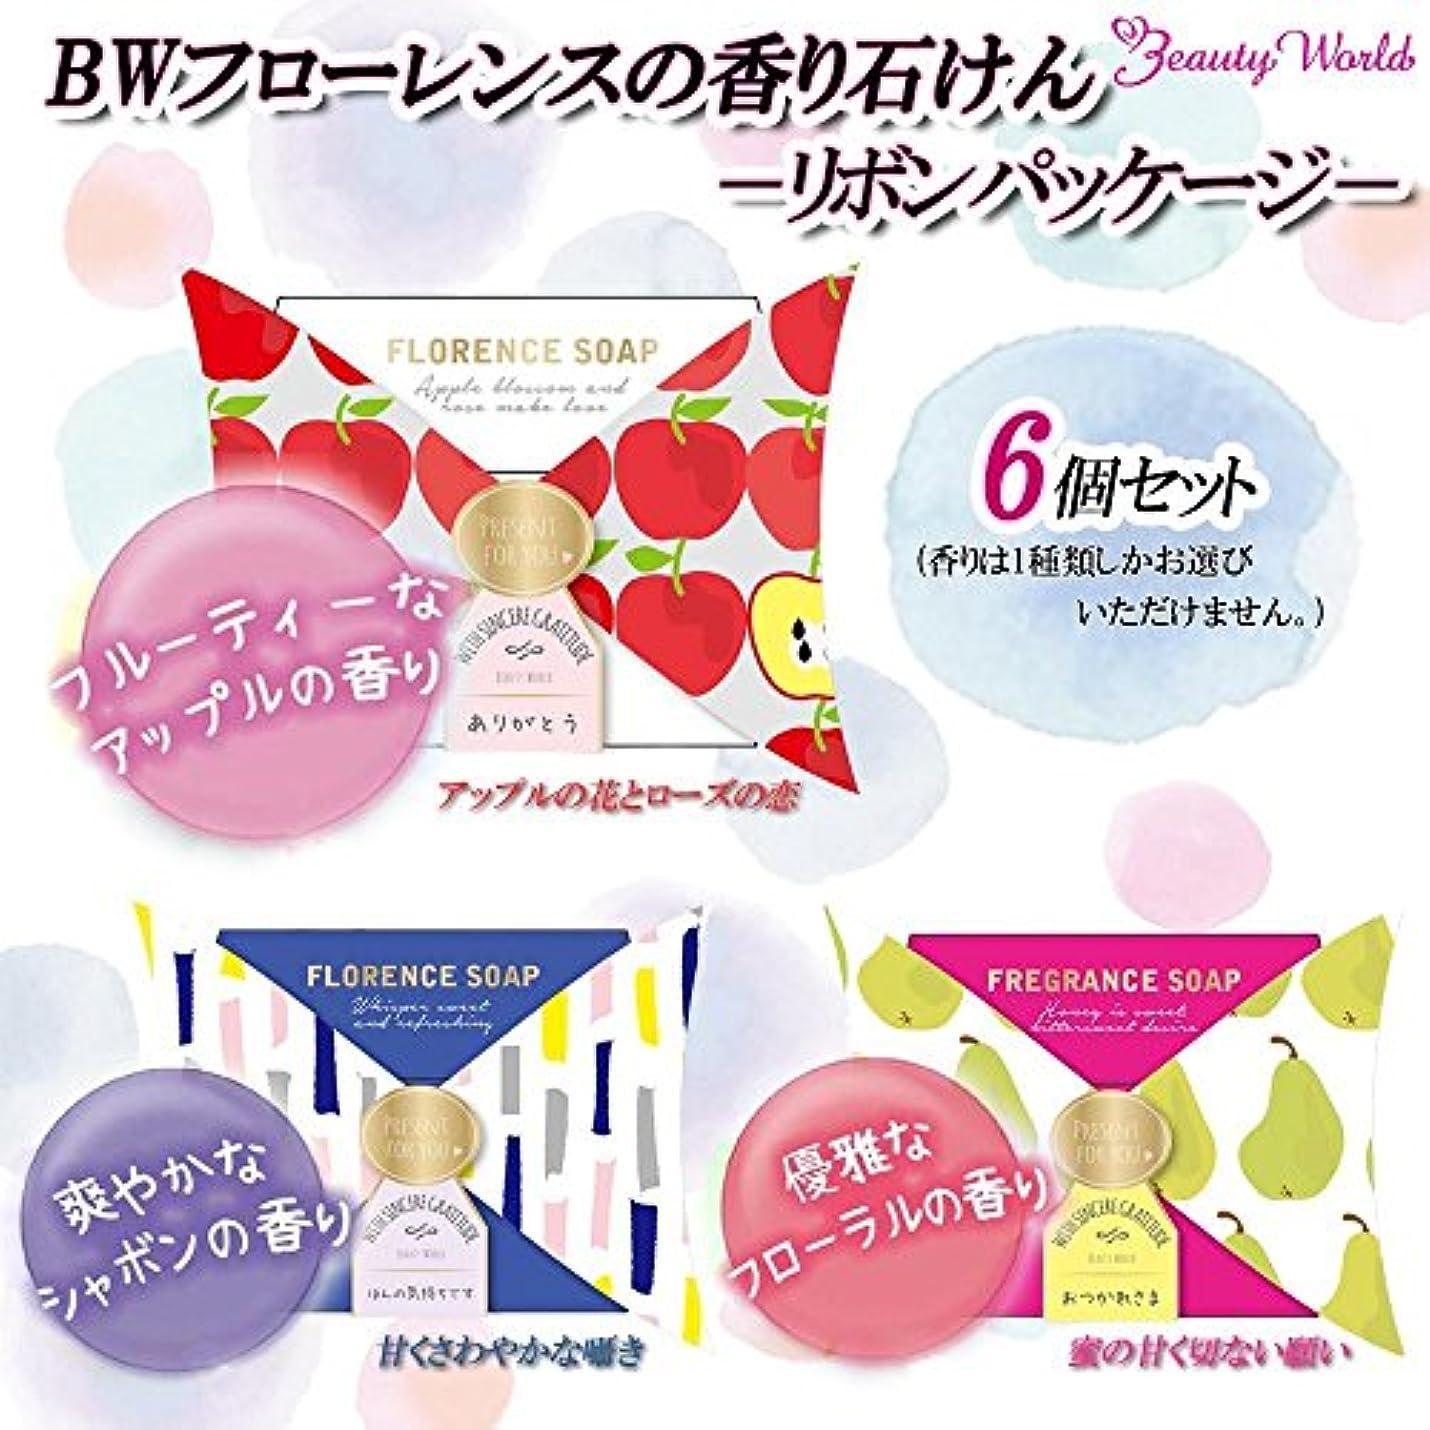 市区町村バリア卒業ビューティーワールド BWフローレンスの香り石けん リボンパッケージ 6個セット ■3種類の内「FSP386?蜜の甘く切ない願い」を1点のみです